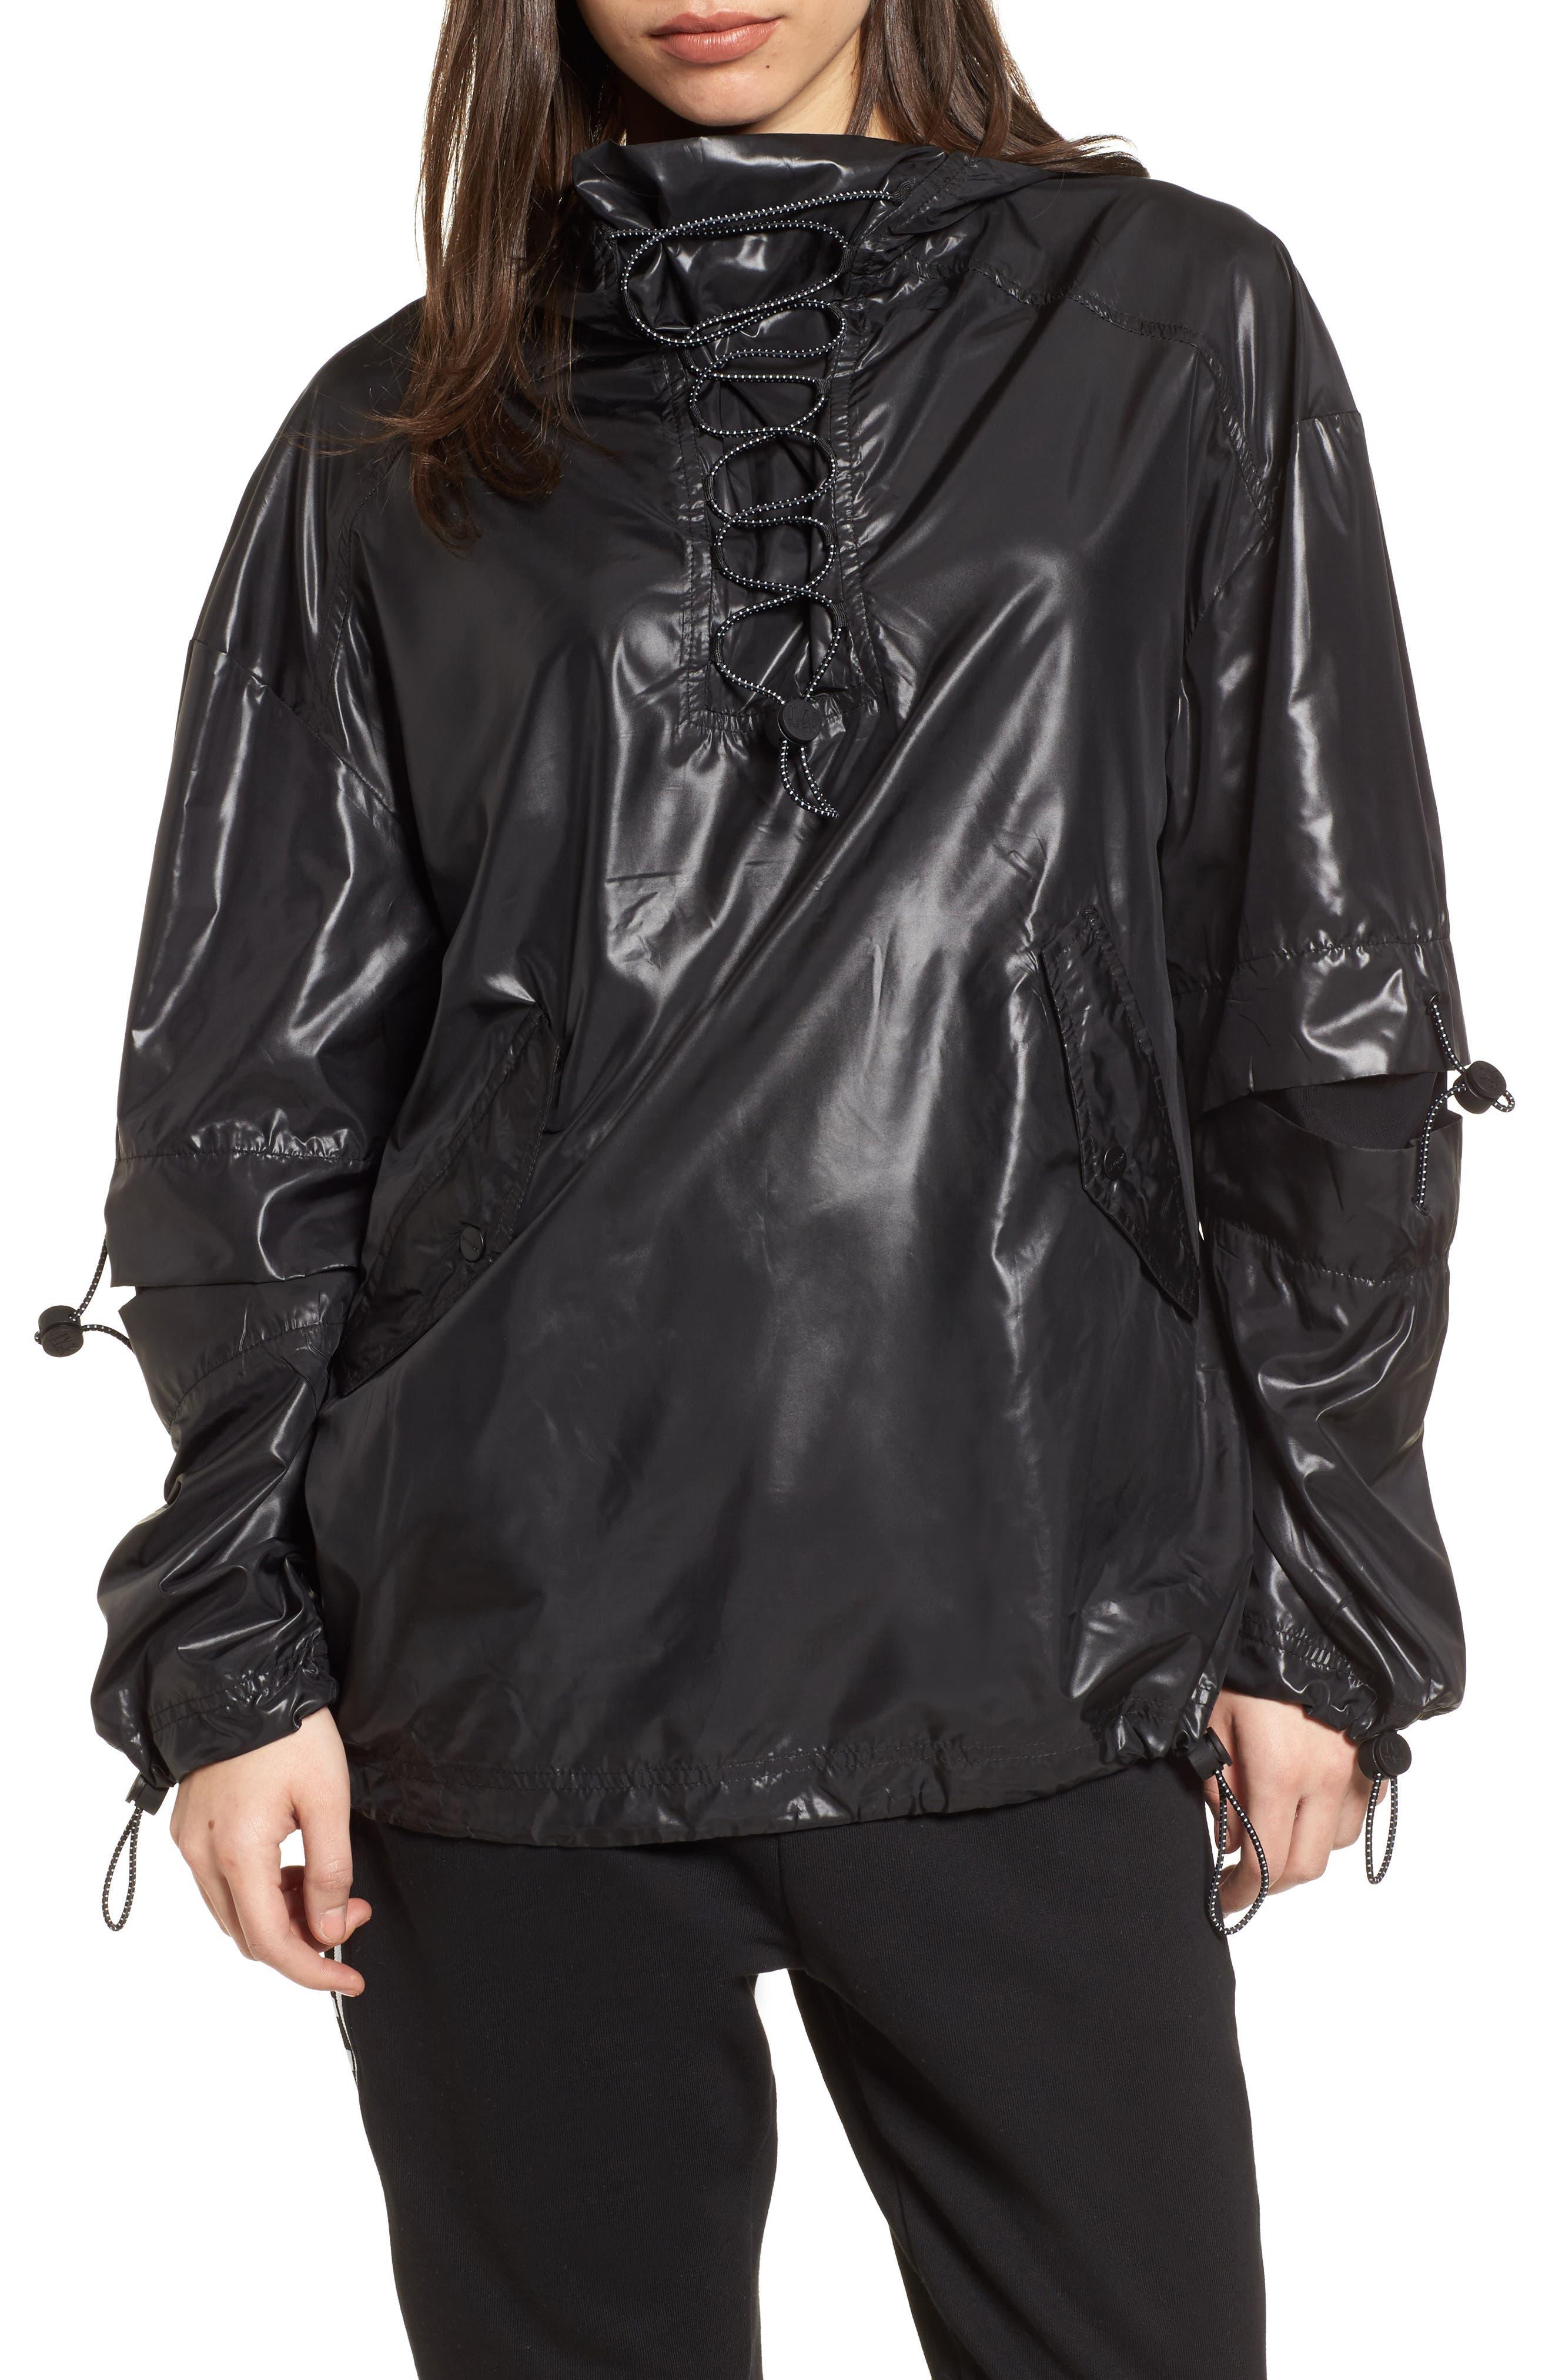 IVY PARK® Hi Shine Lace-Up Jacket